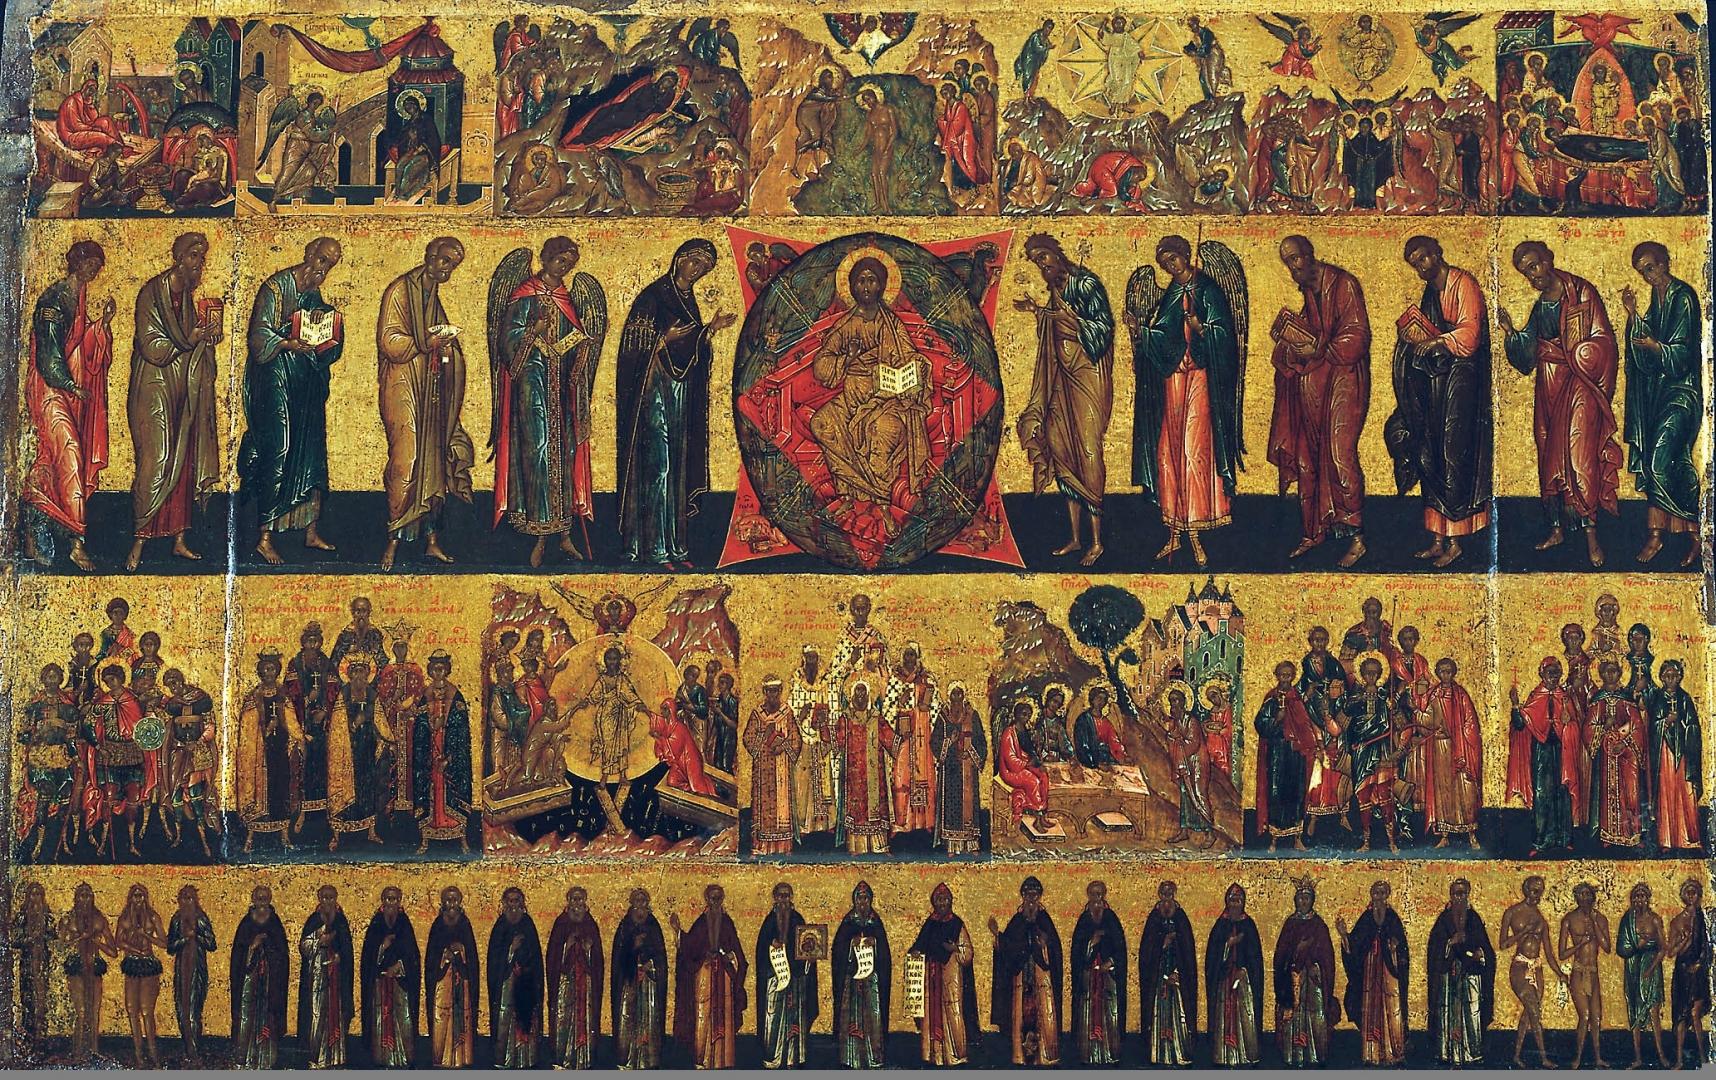 День Всех святых, в земле Российской просиявших - Севак Мирабян - ИА REGNUM